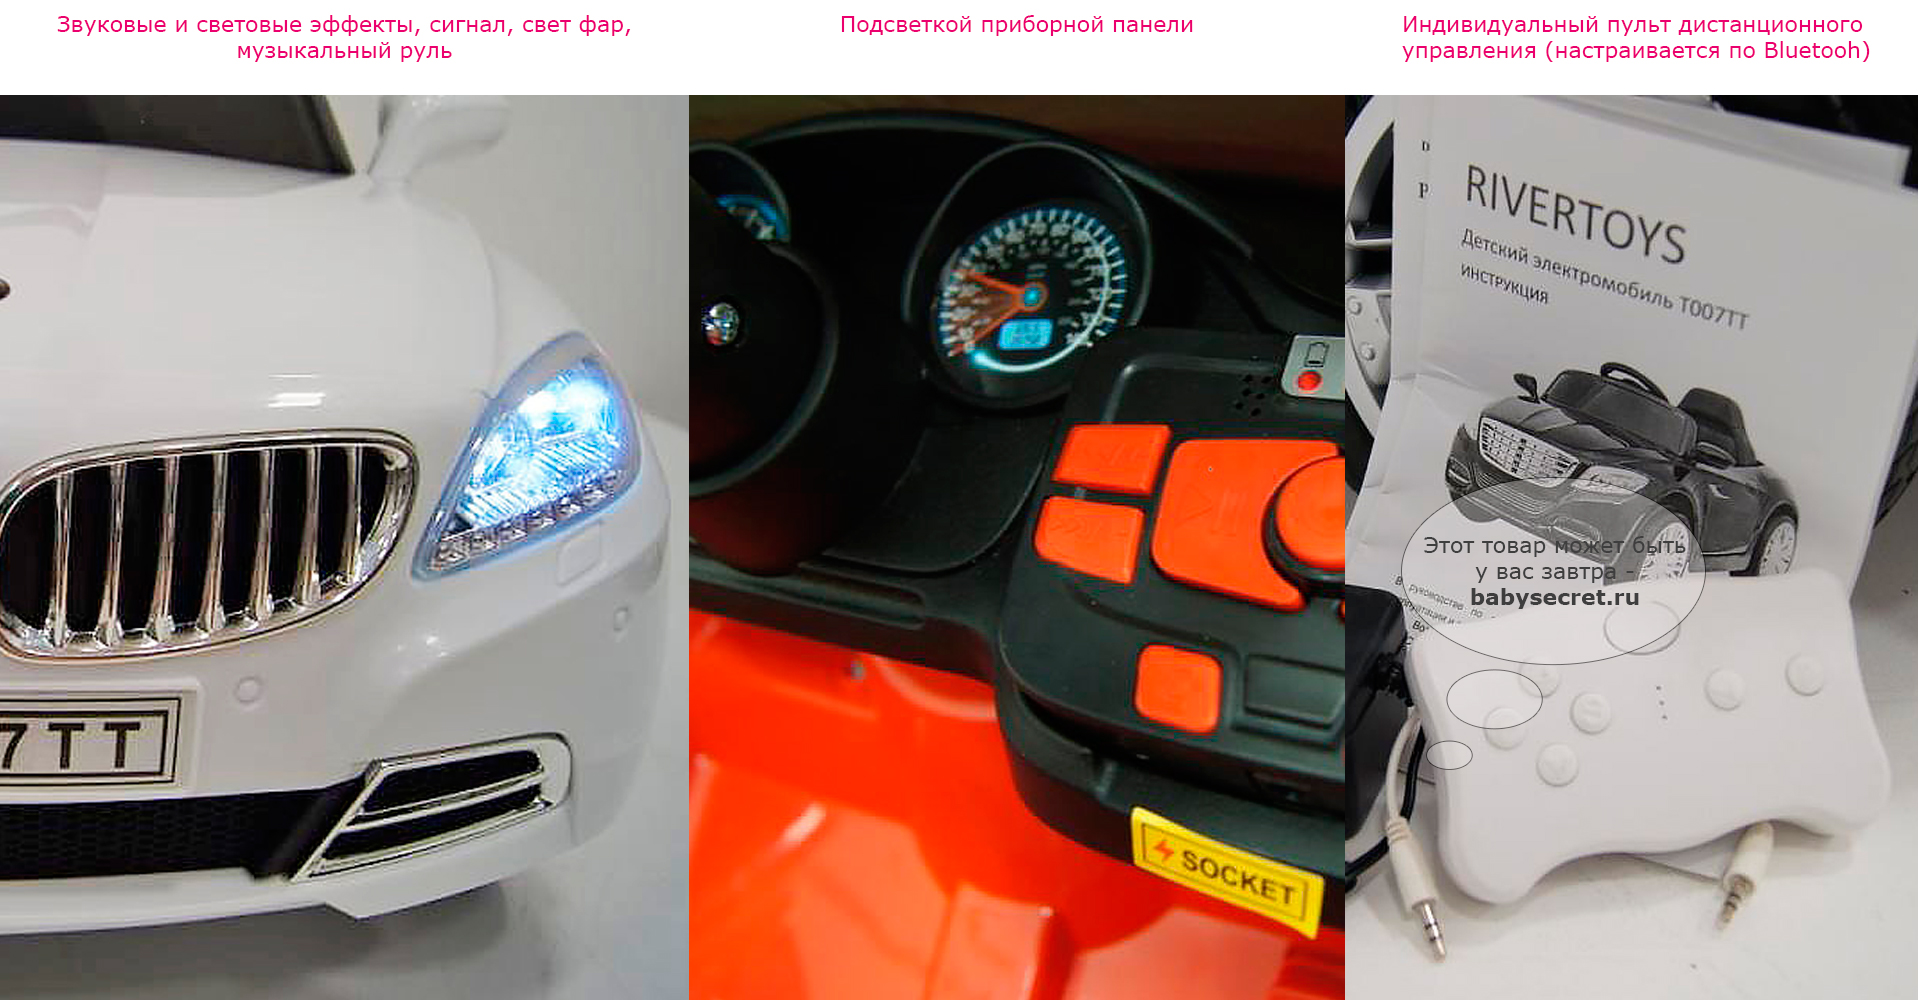 пульт электромобиля bmw инструкция